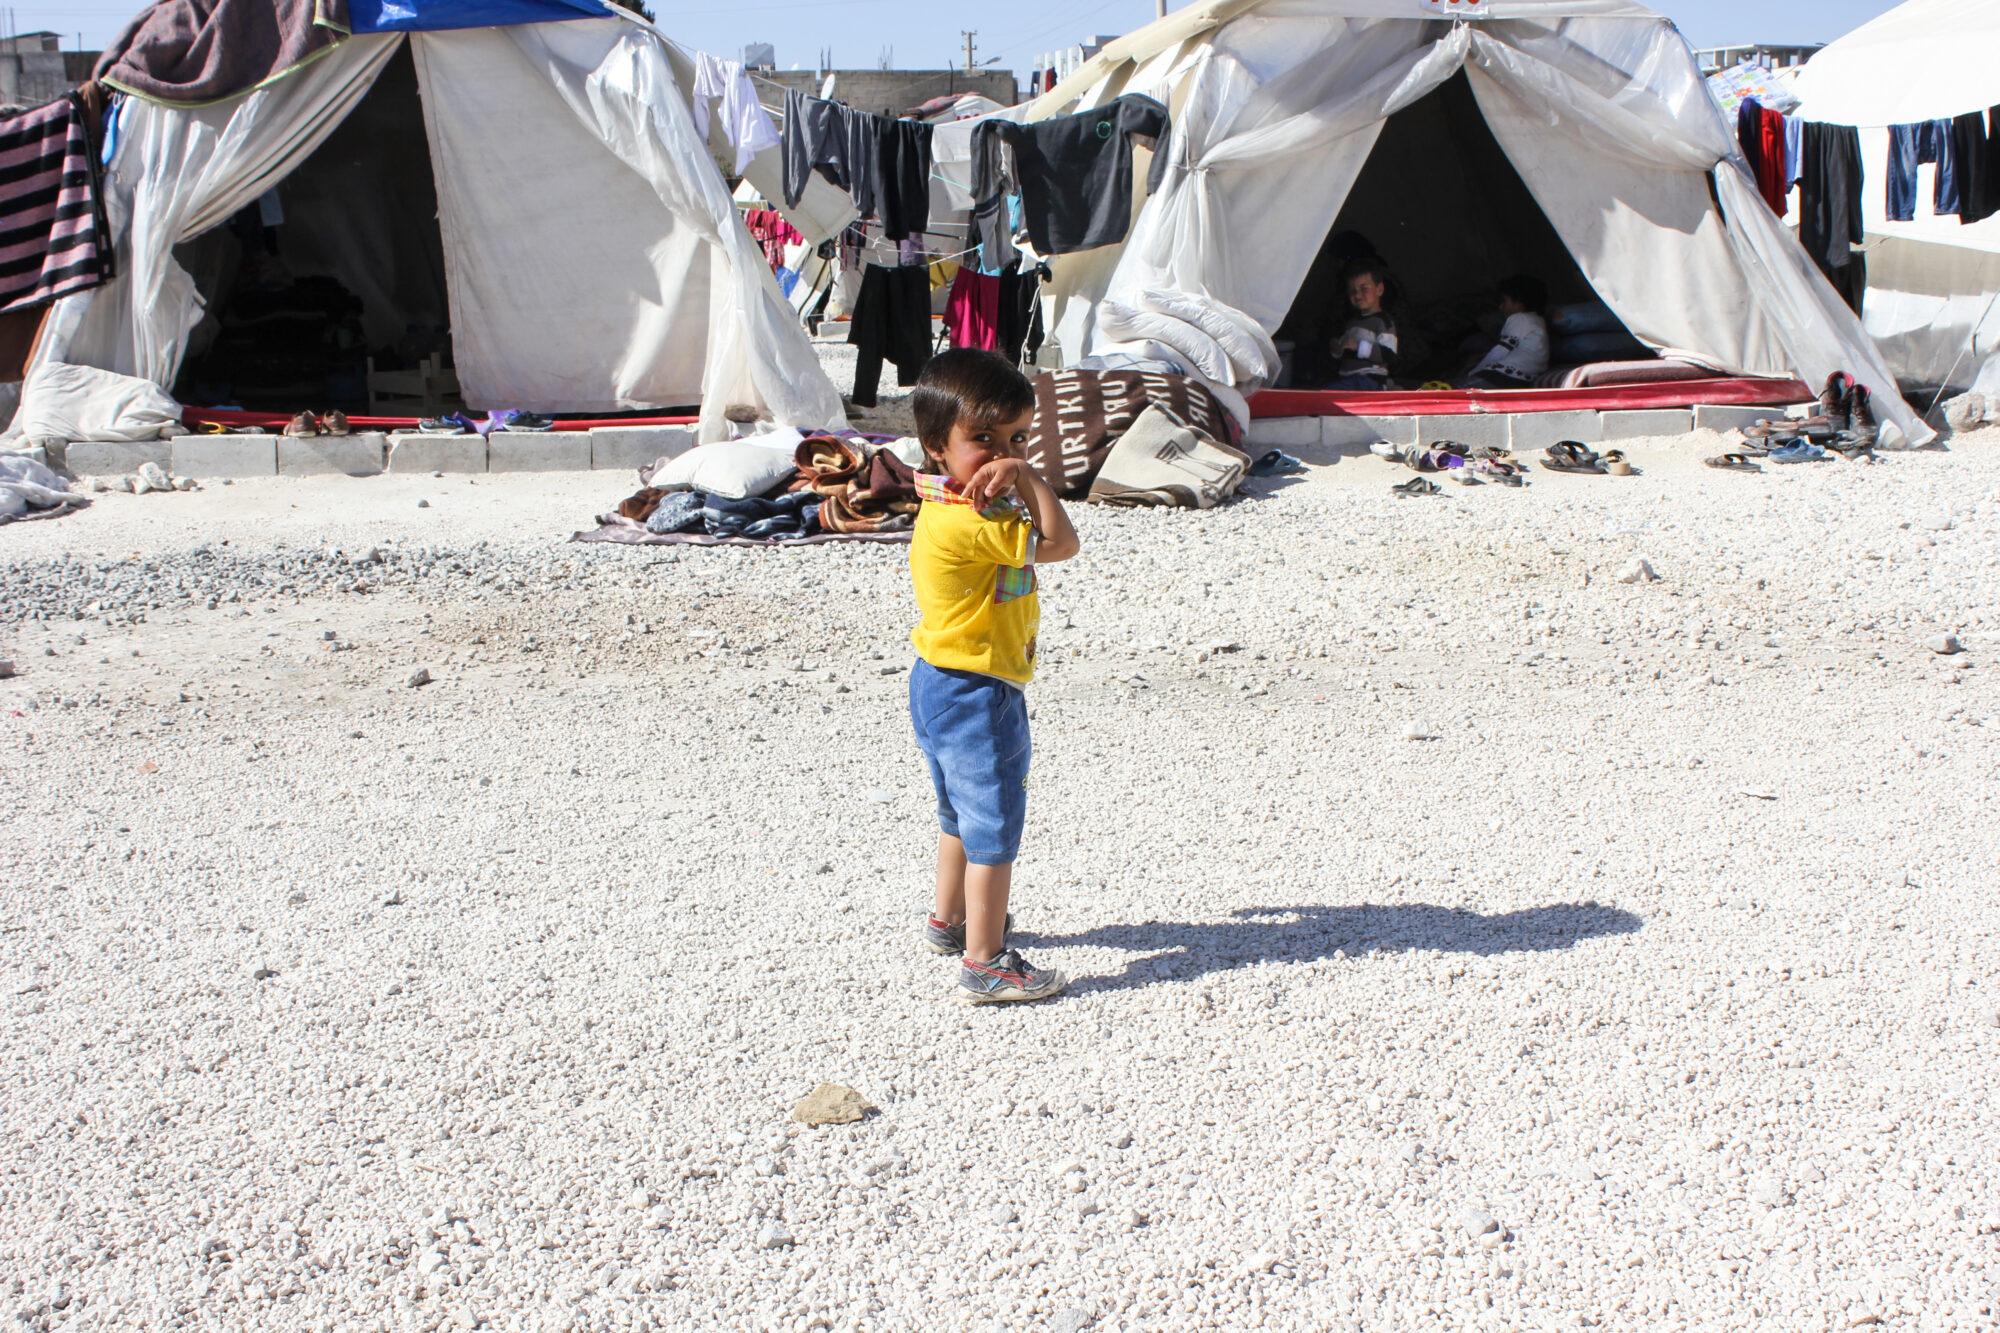 Syyrialaispoika seisoo tiellä paljain jaloin pakolaisleirillä.